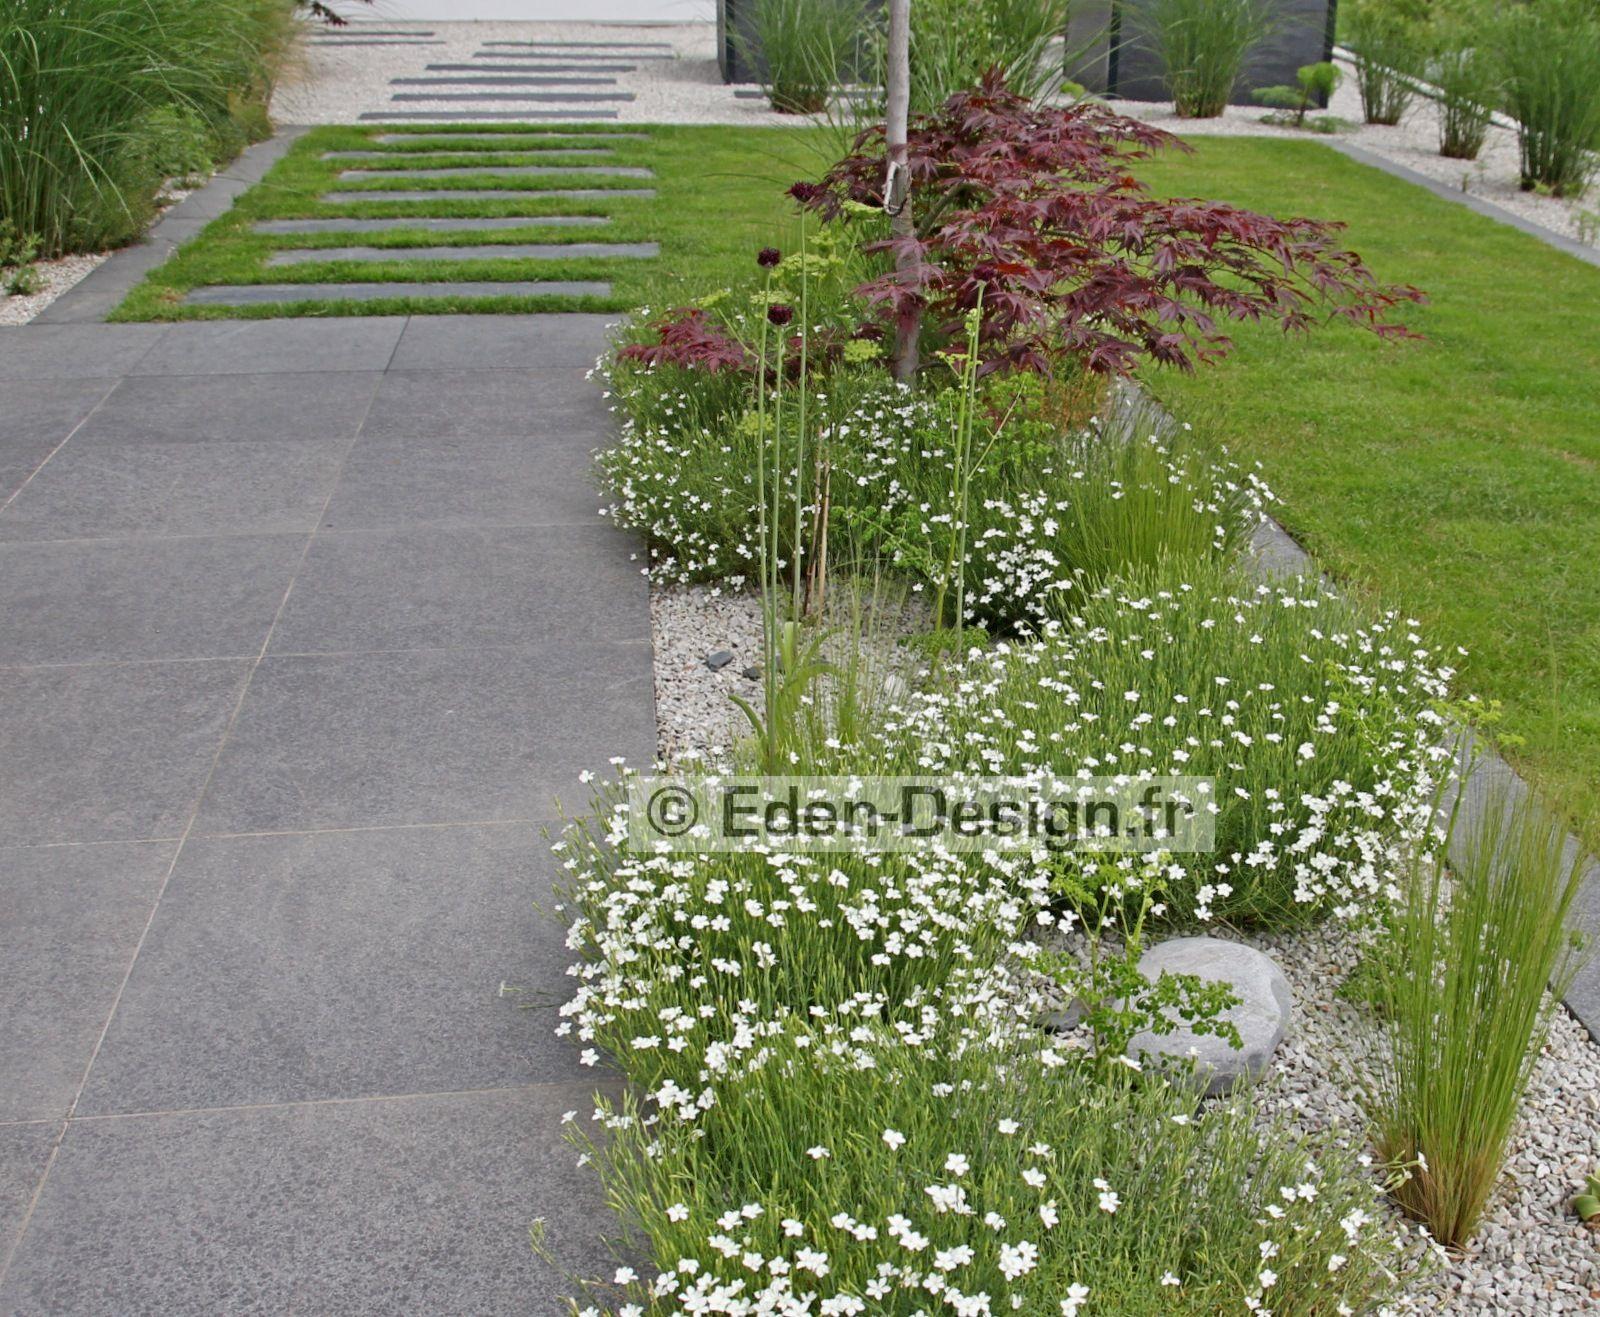 Jardin zen terrasse et potager en hauteur.Massif avec érable ...